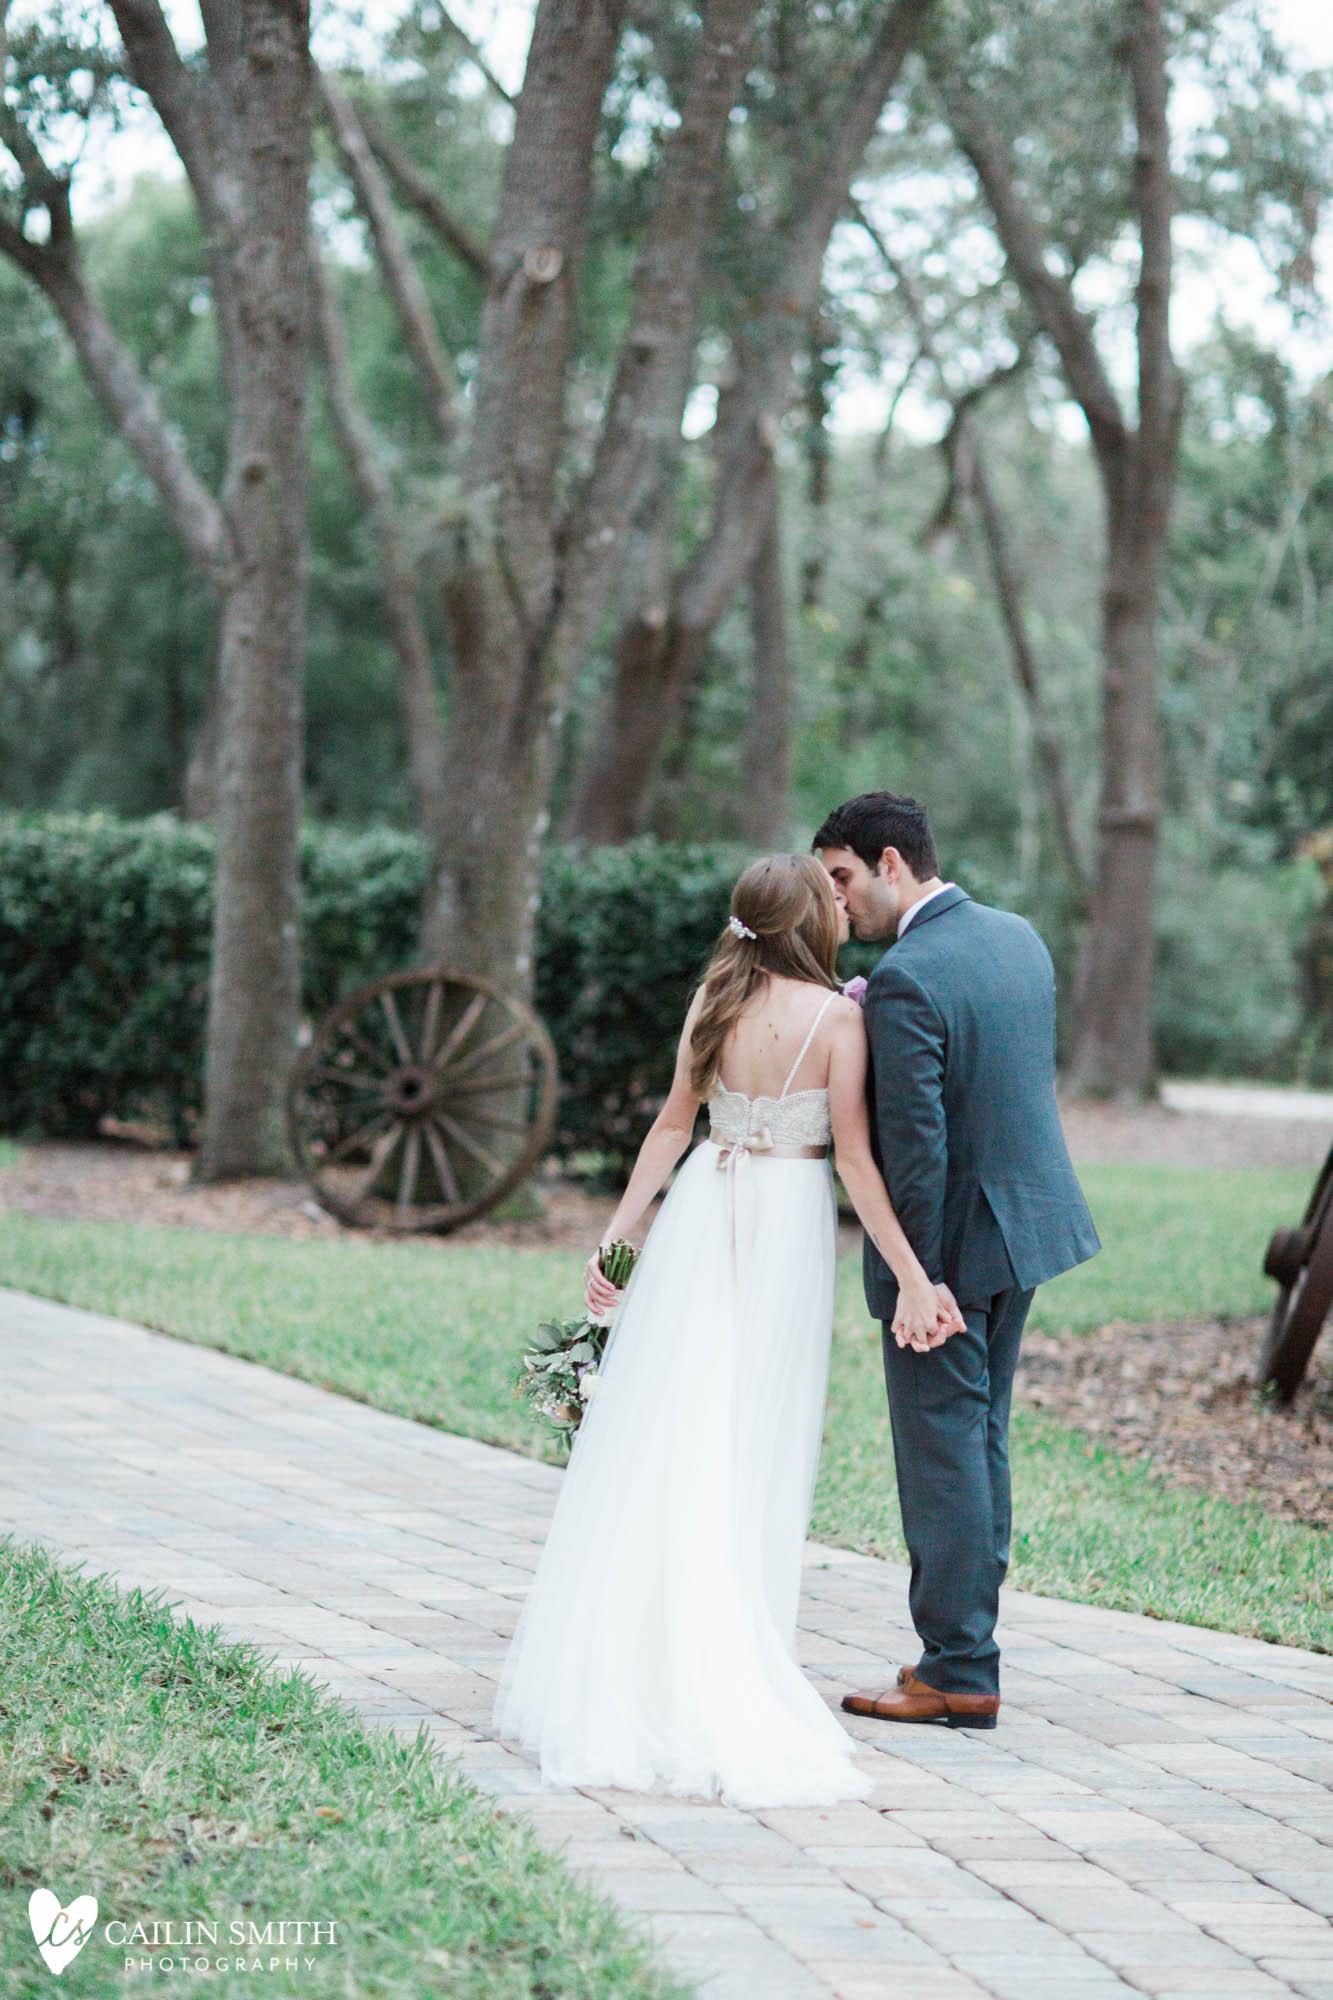 Sylvia_Anthony_Bowing_Oaks_Plantation_Wedding_Photography_0087.jpg